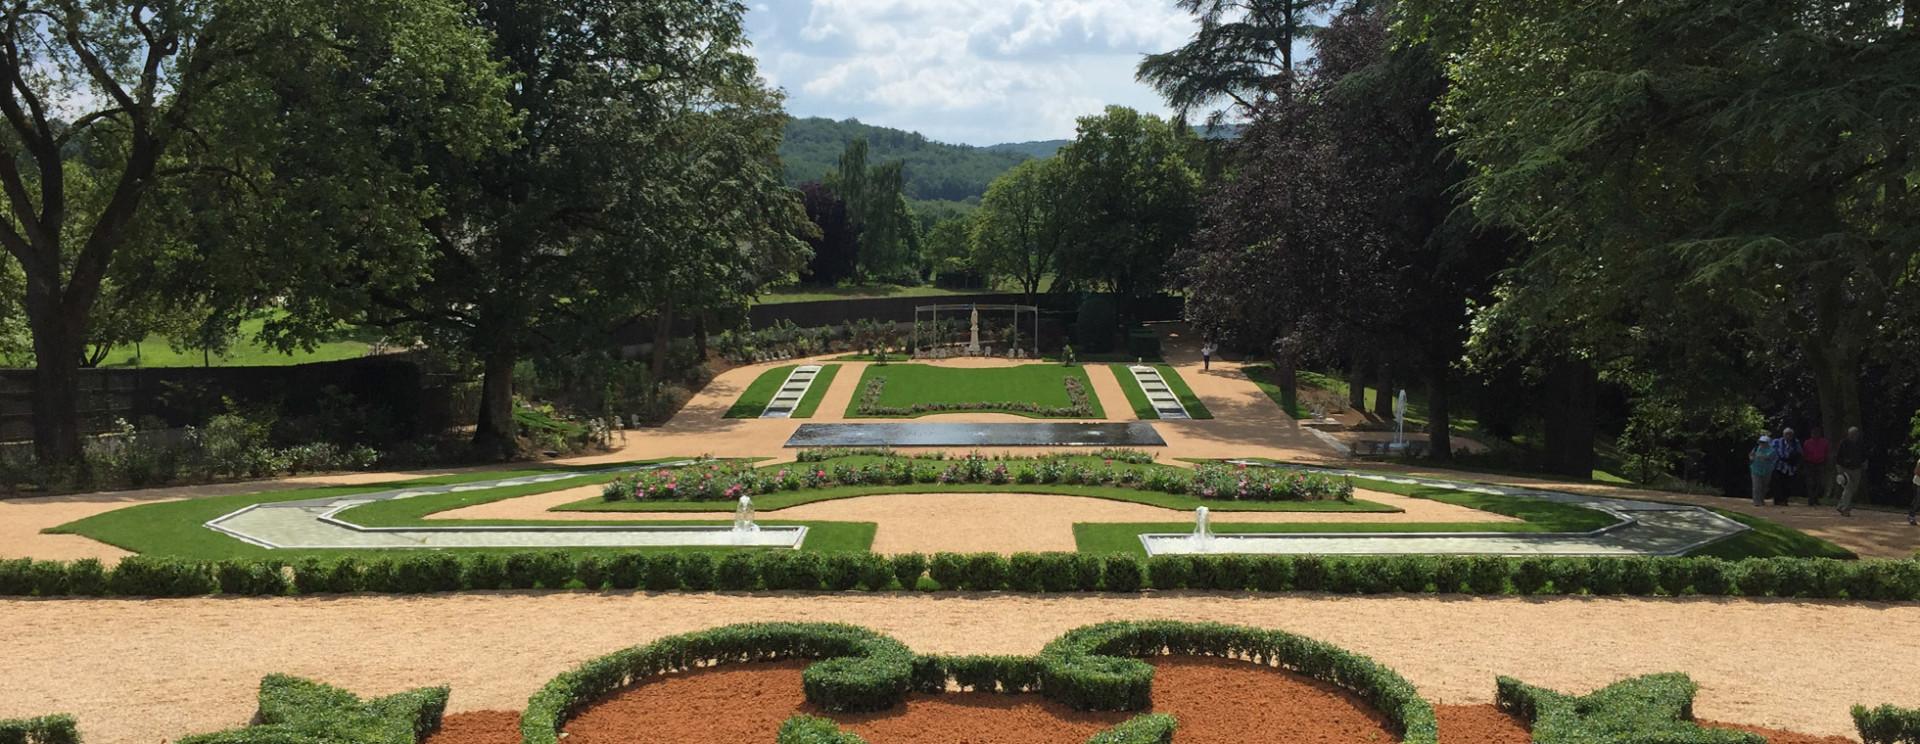 Le Jardin et le Parc | Le Château et jardins des Milandes